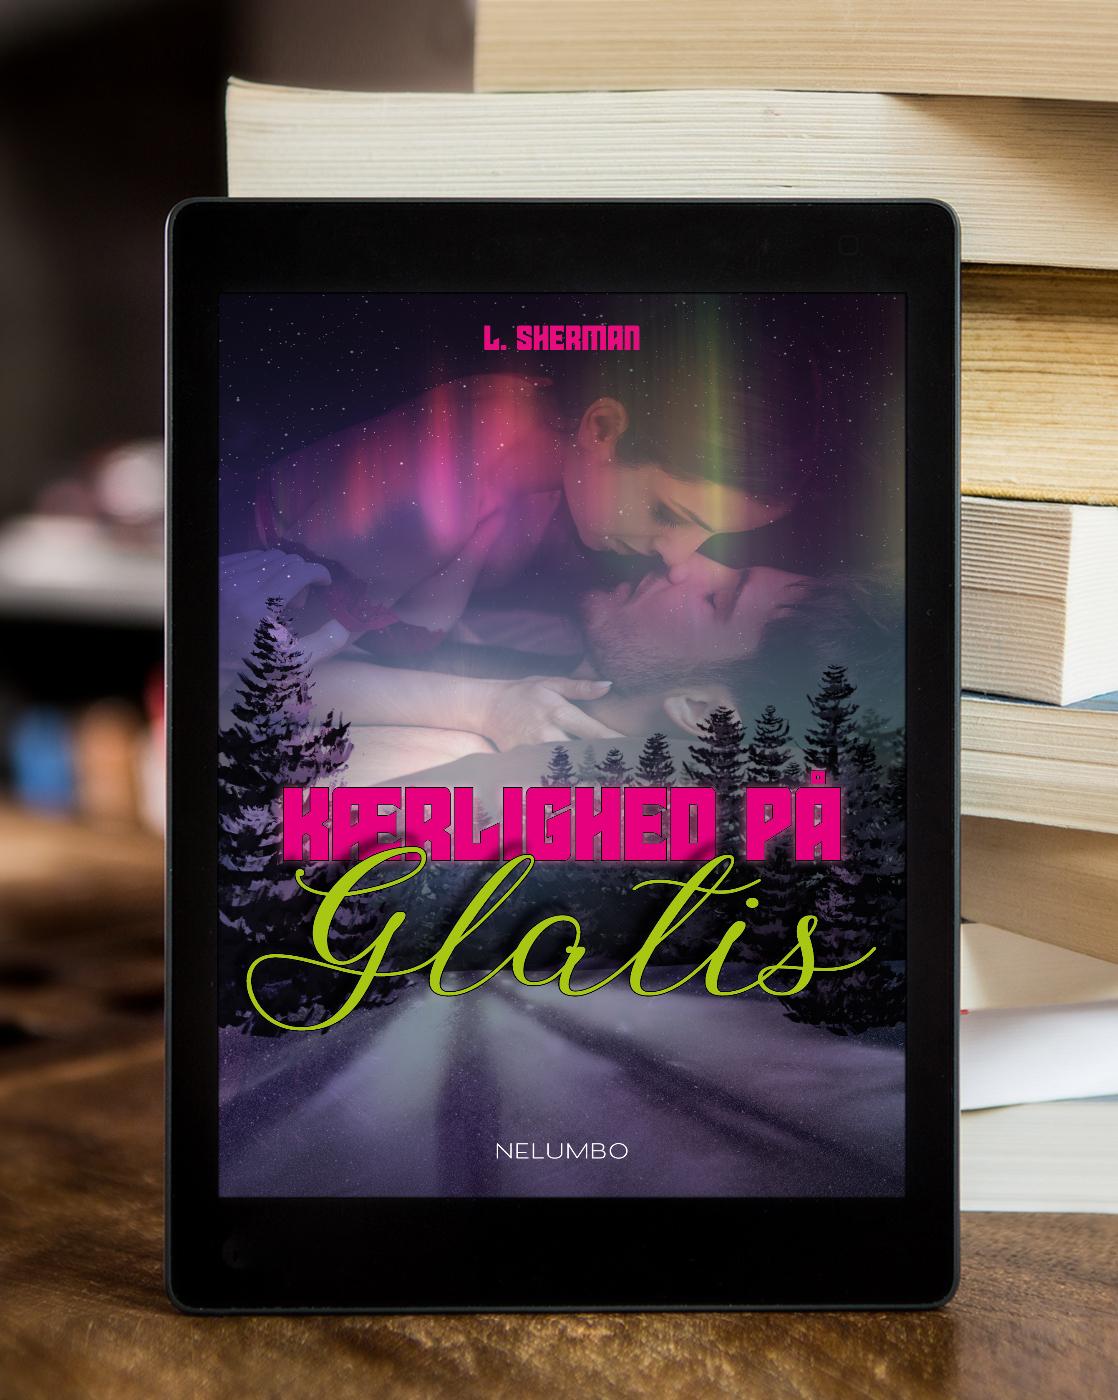 Kærlighed på glatis - en novelle af L. Sherman